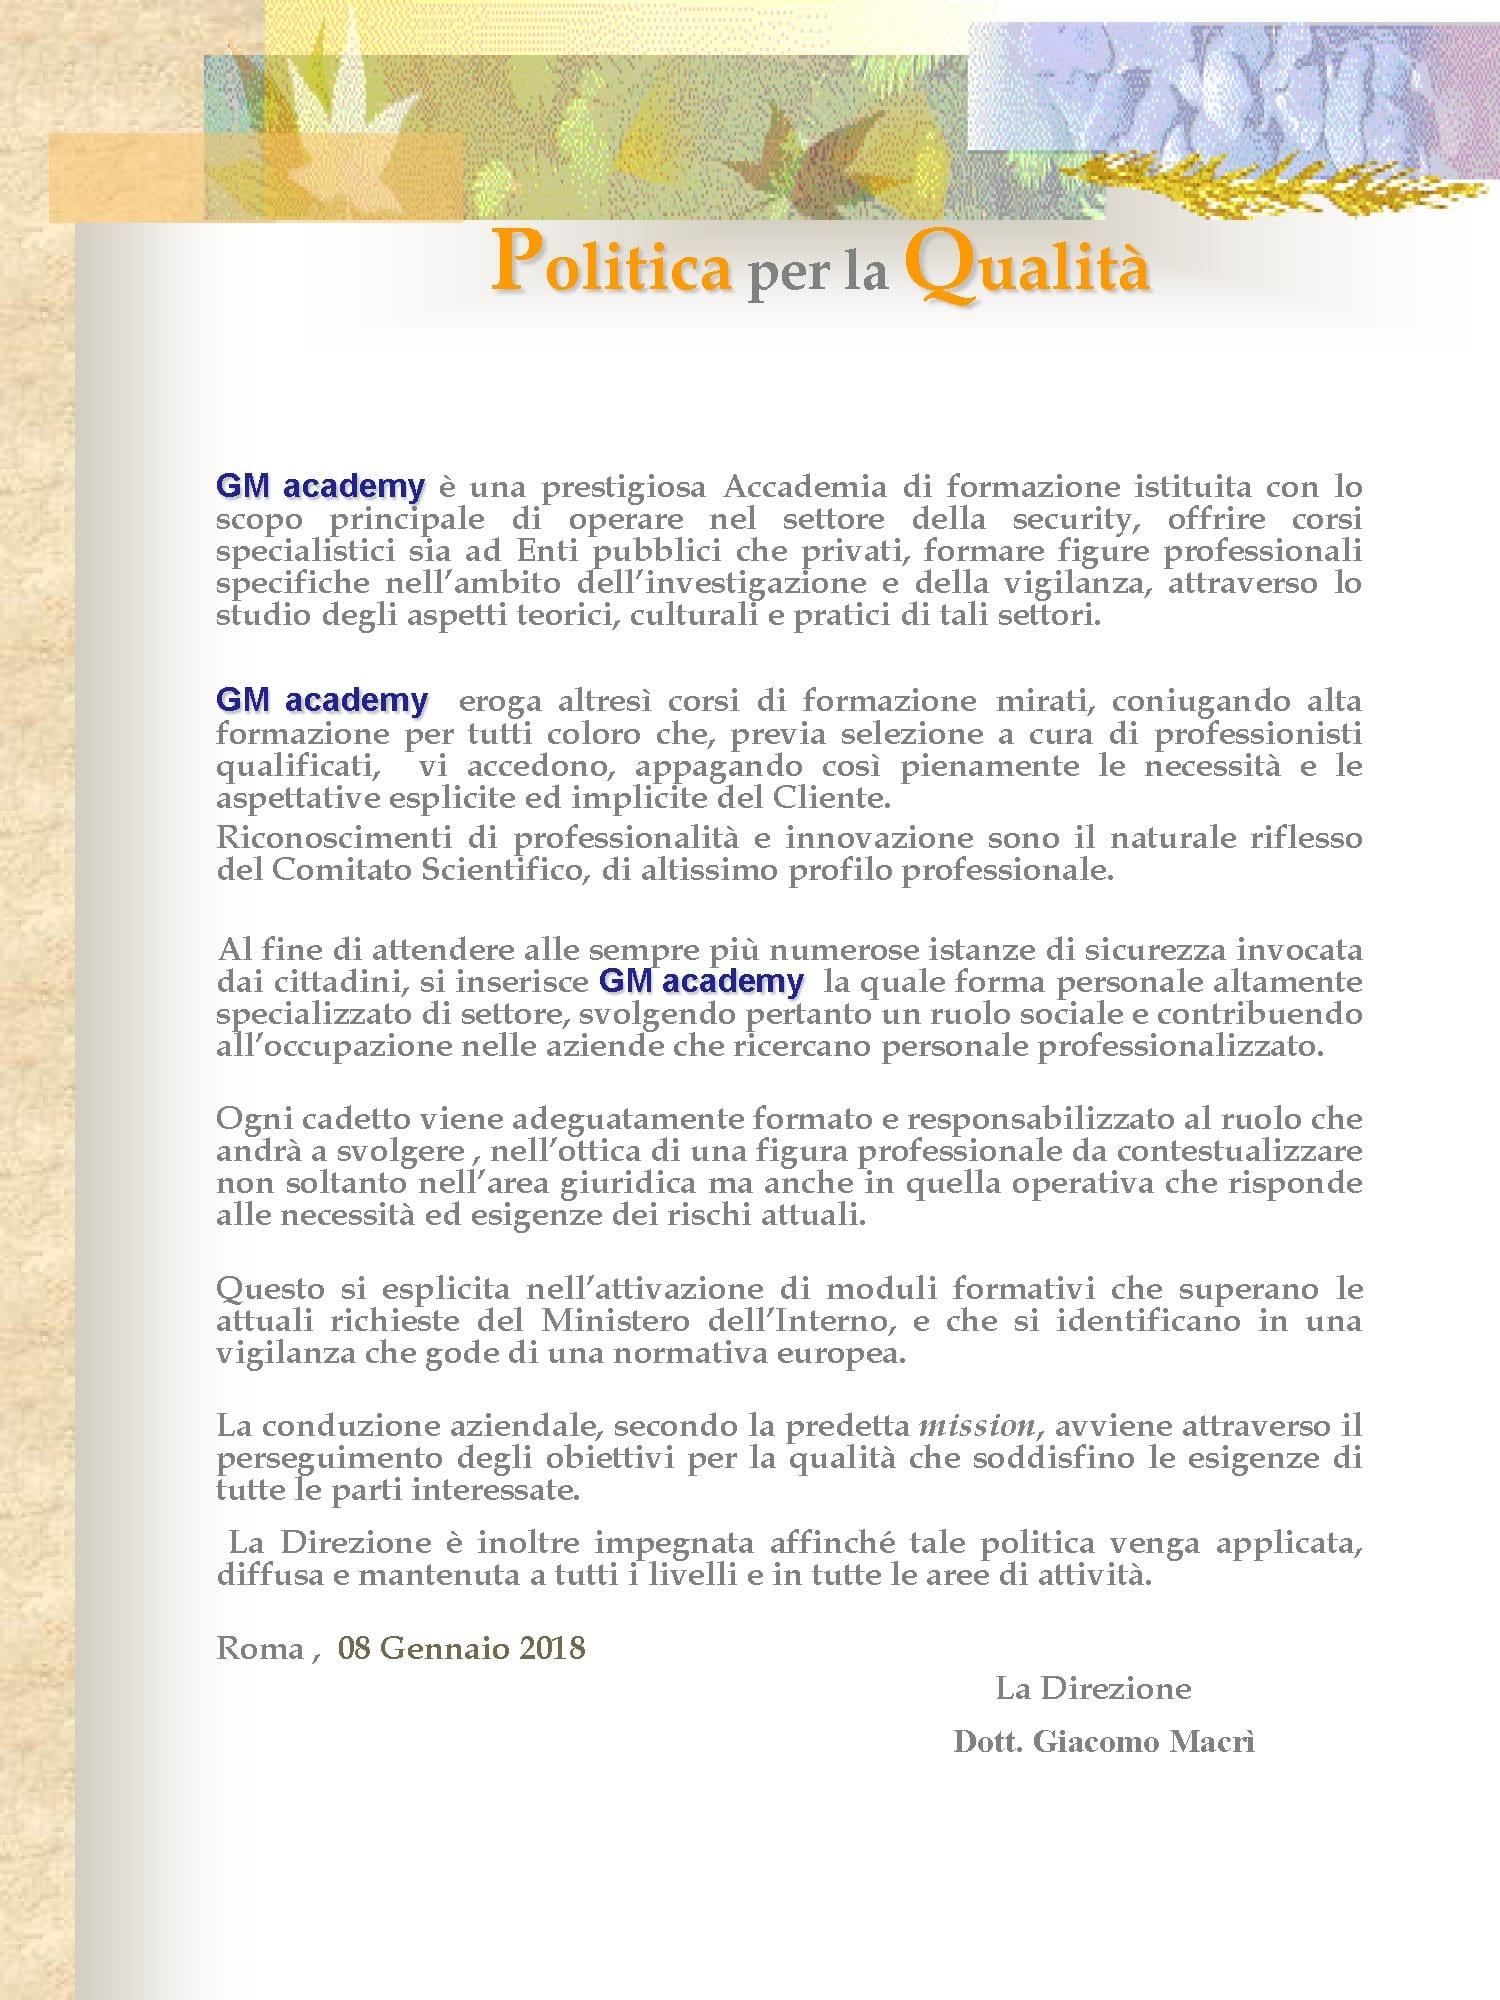 Politica Qualita GM academy 2018